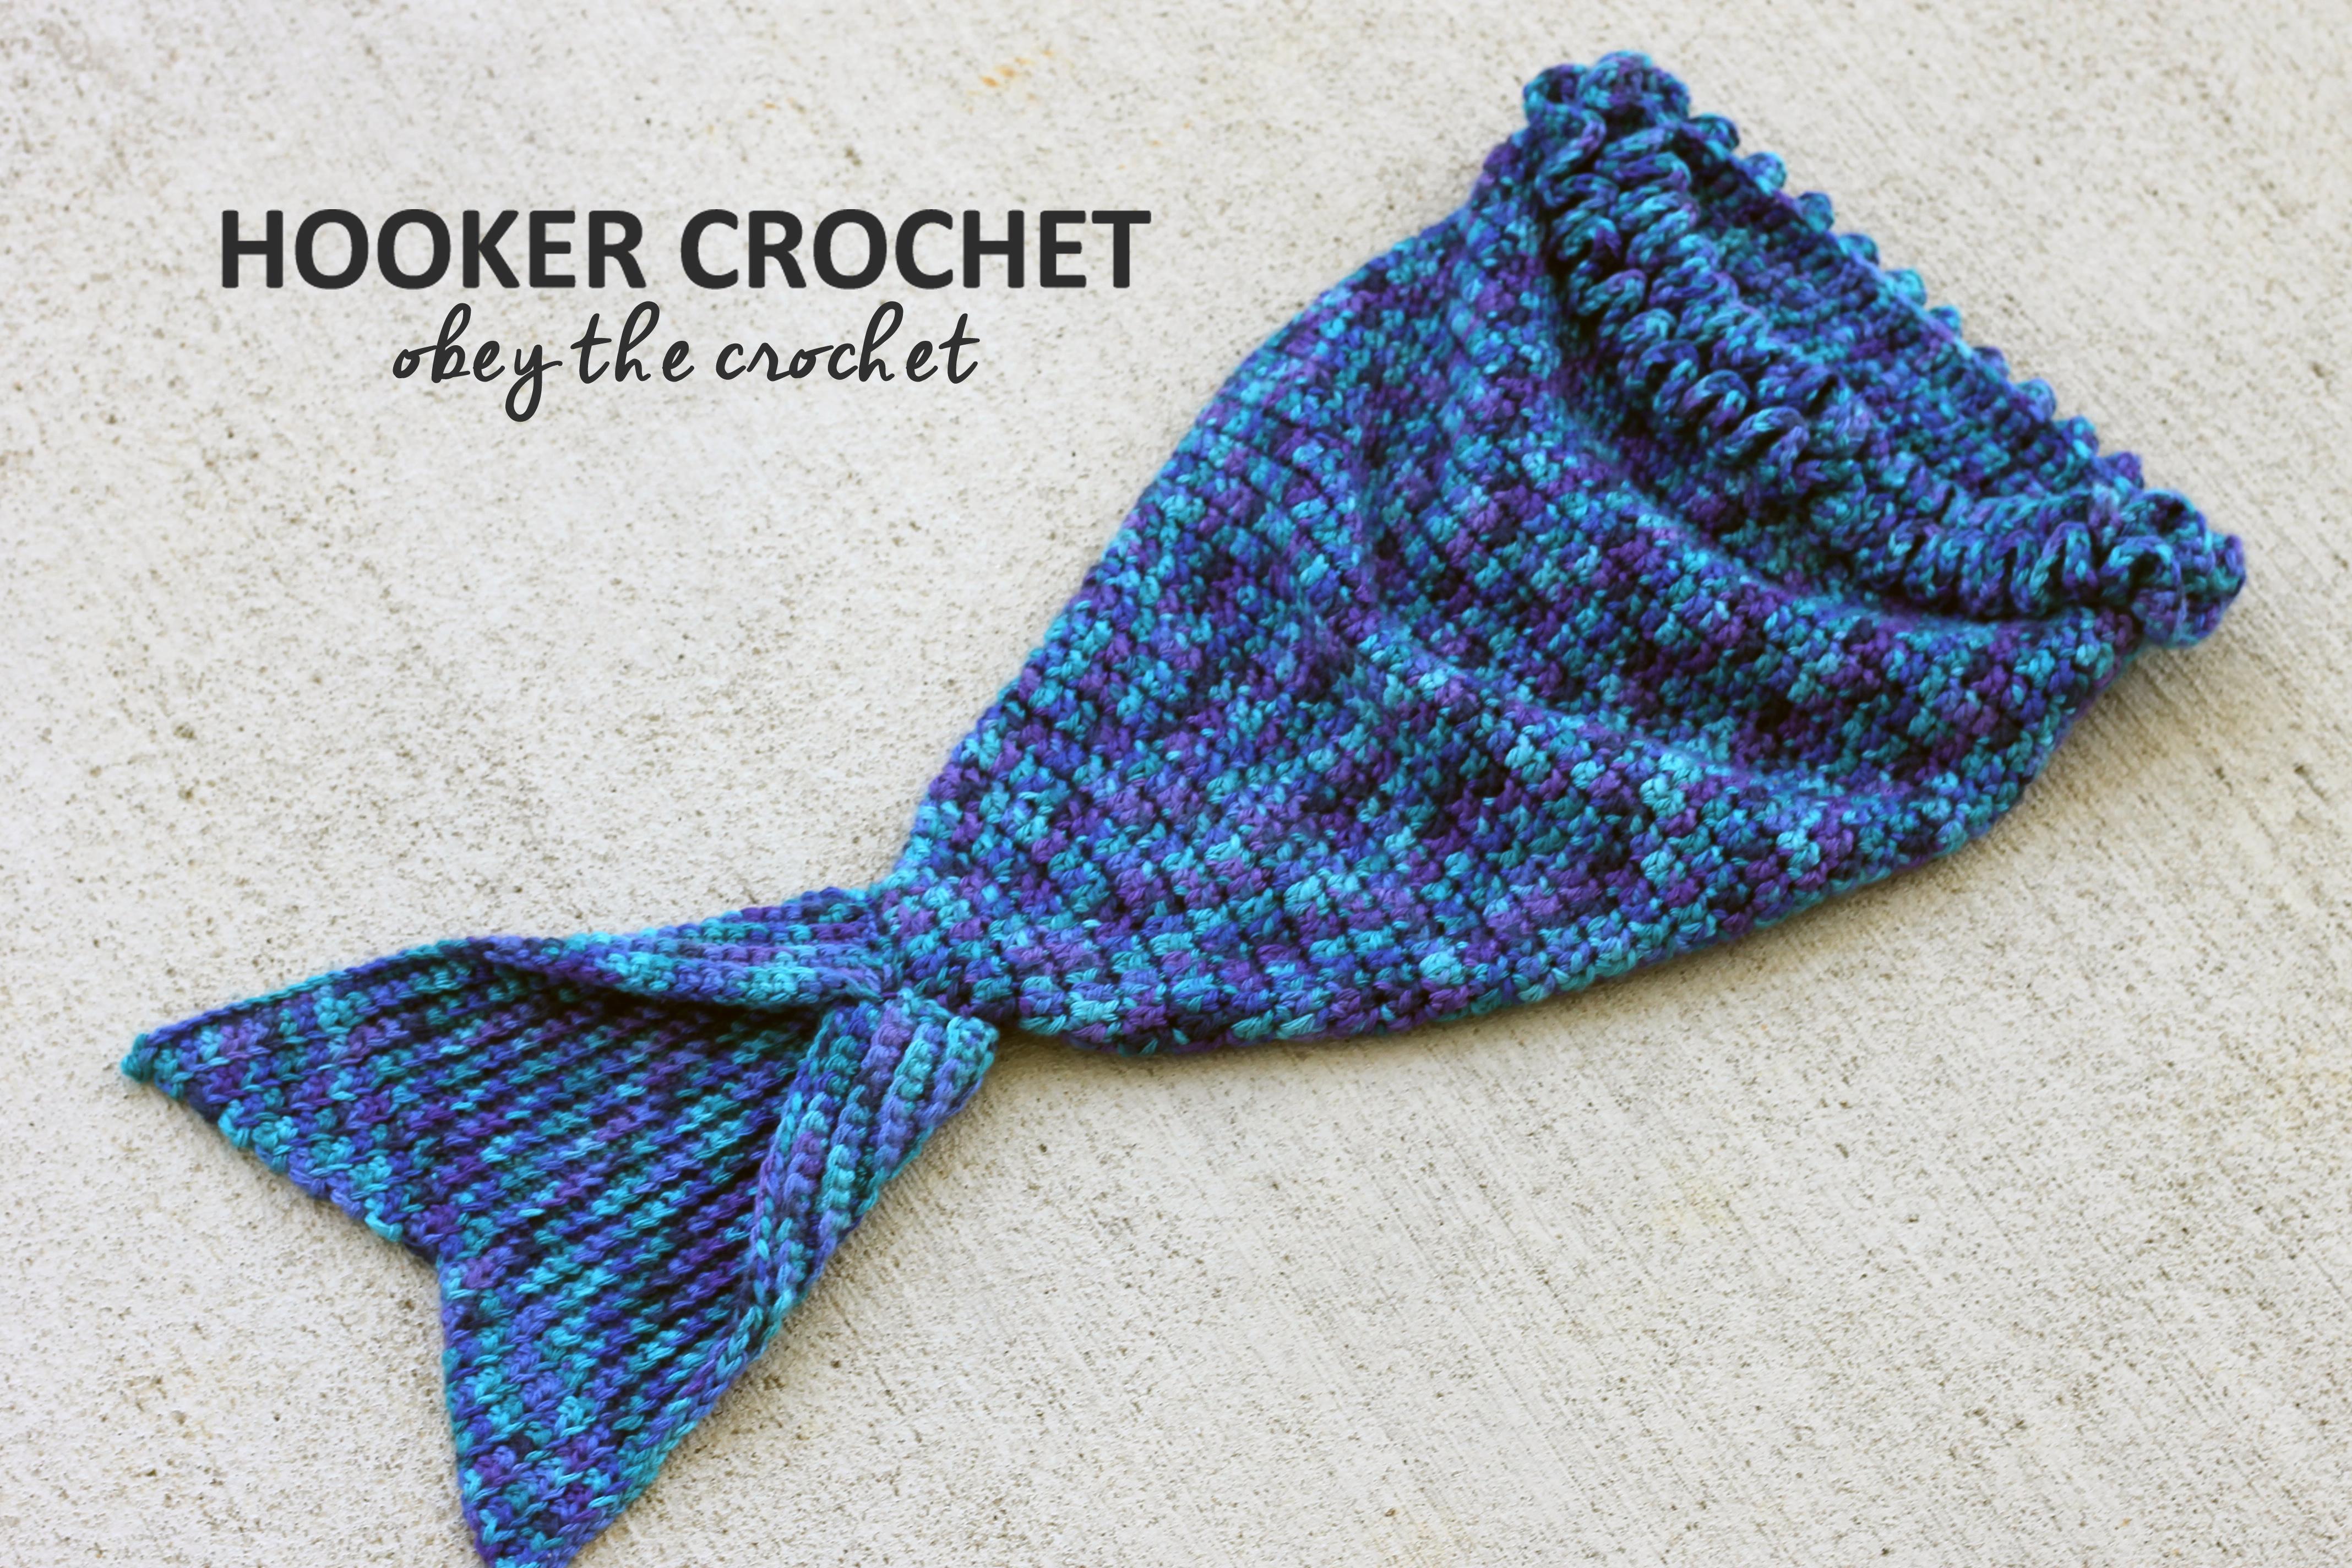 Mystic Mermaid Cocoon Free Crochet Pattern In Post Hooker Crochet